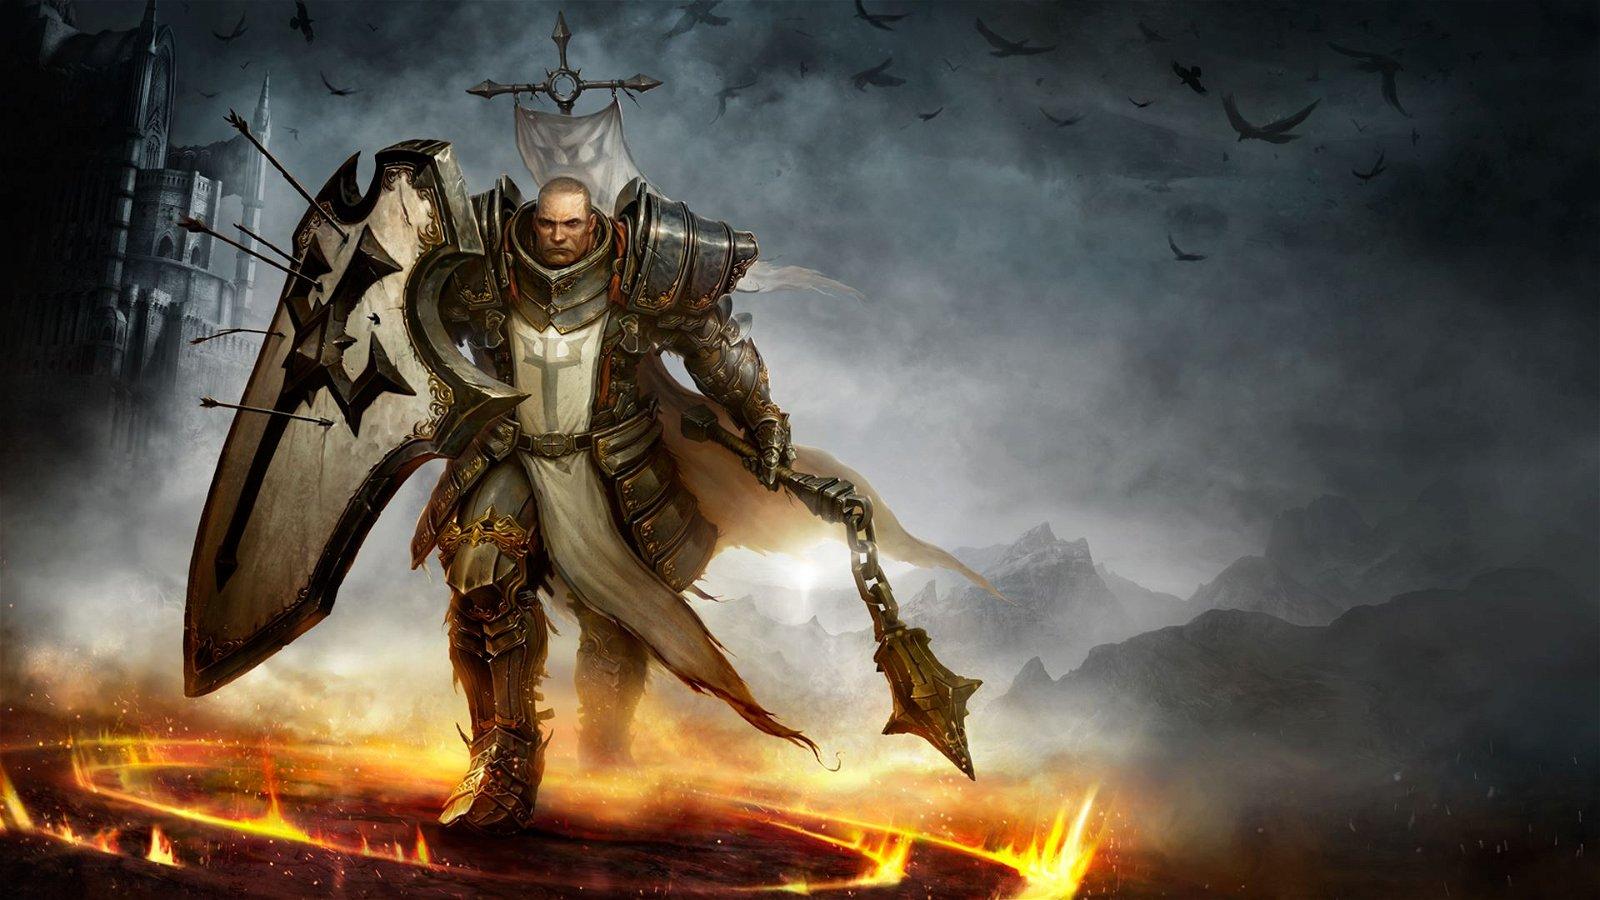 Diablo III: Reaper of Souls Patch 2.4 Is Now Live - 2016-01-12 16:03:58